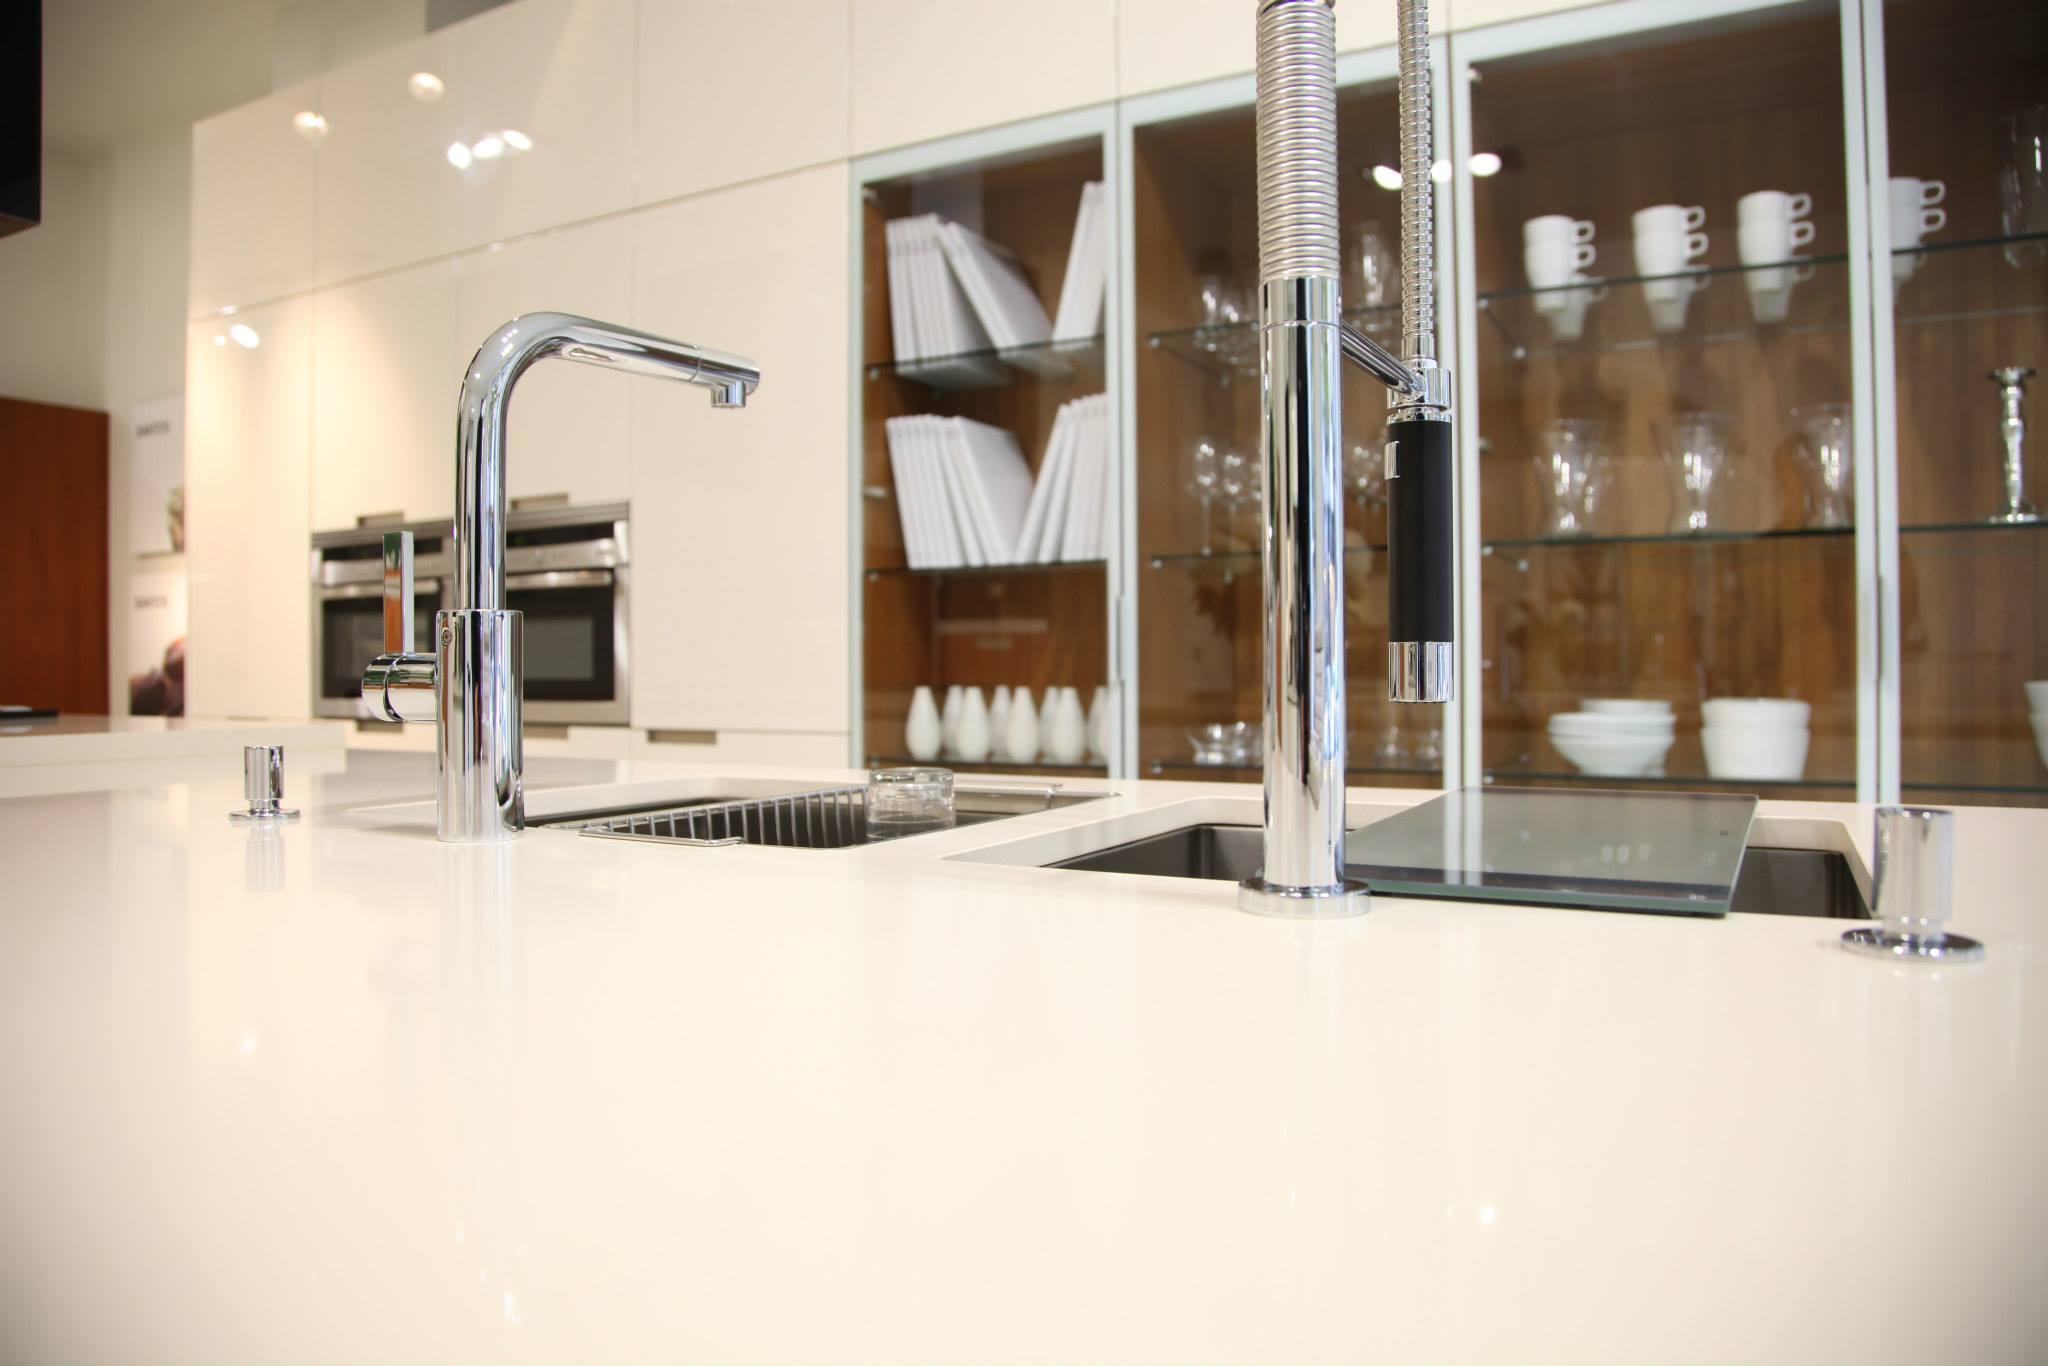 techlamencimeras-de-cocina-encimeras-porcelanicaslevantina-encimerastres-cantos-cocinas-cocinas-con-techlamespacios-techlam-2